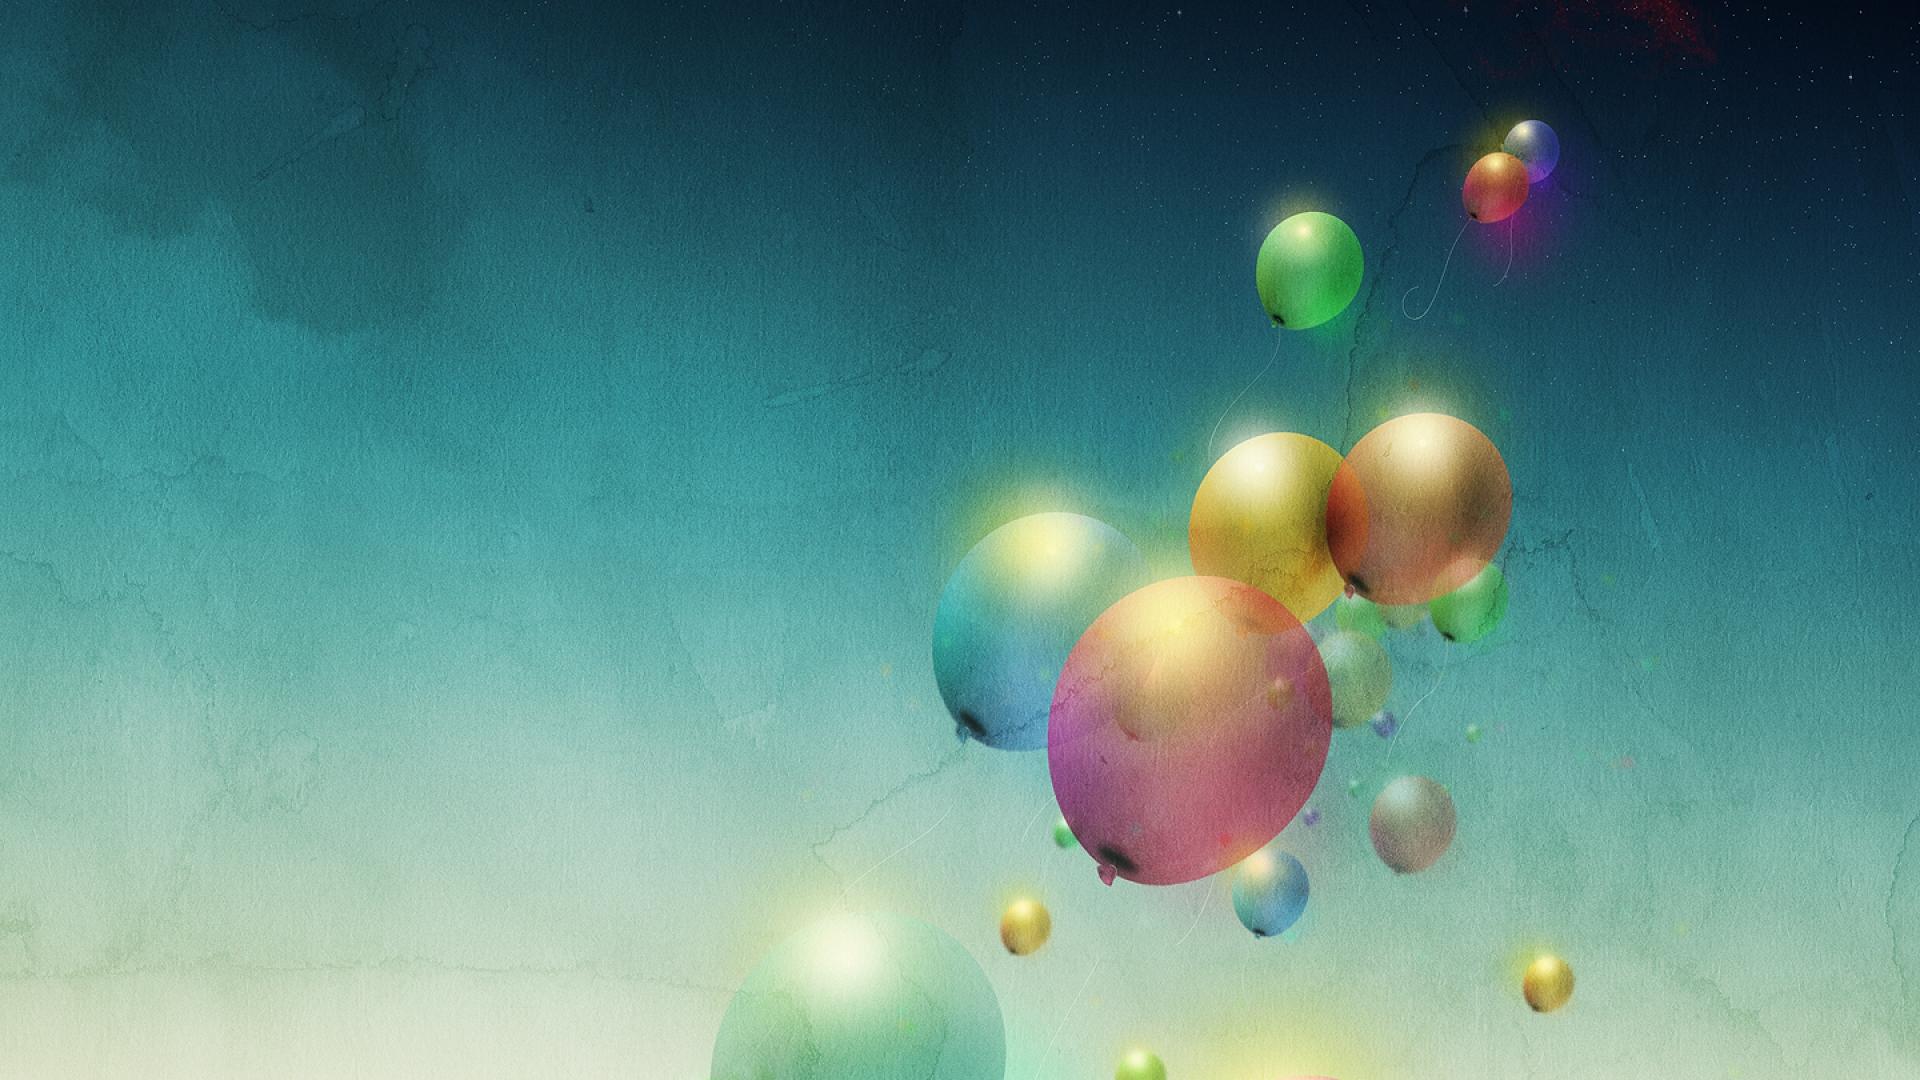 Balloon Wallpaper 19615 1920x1080 px HDWallSourcecom